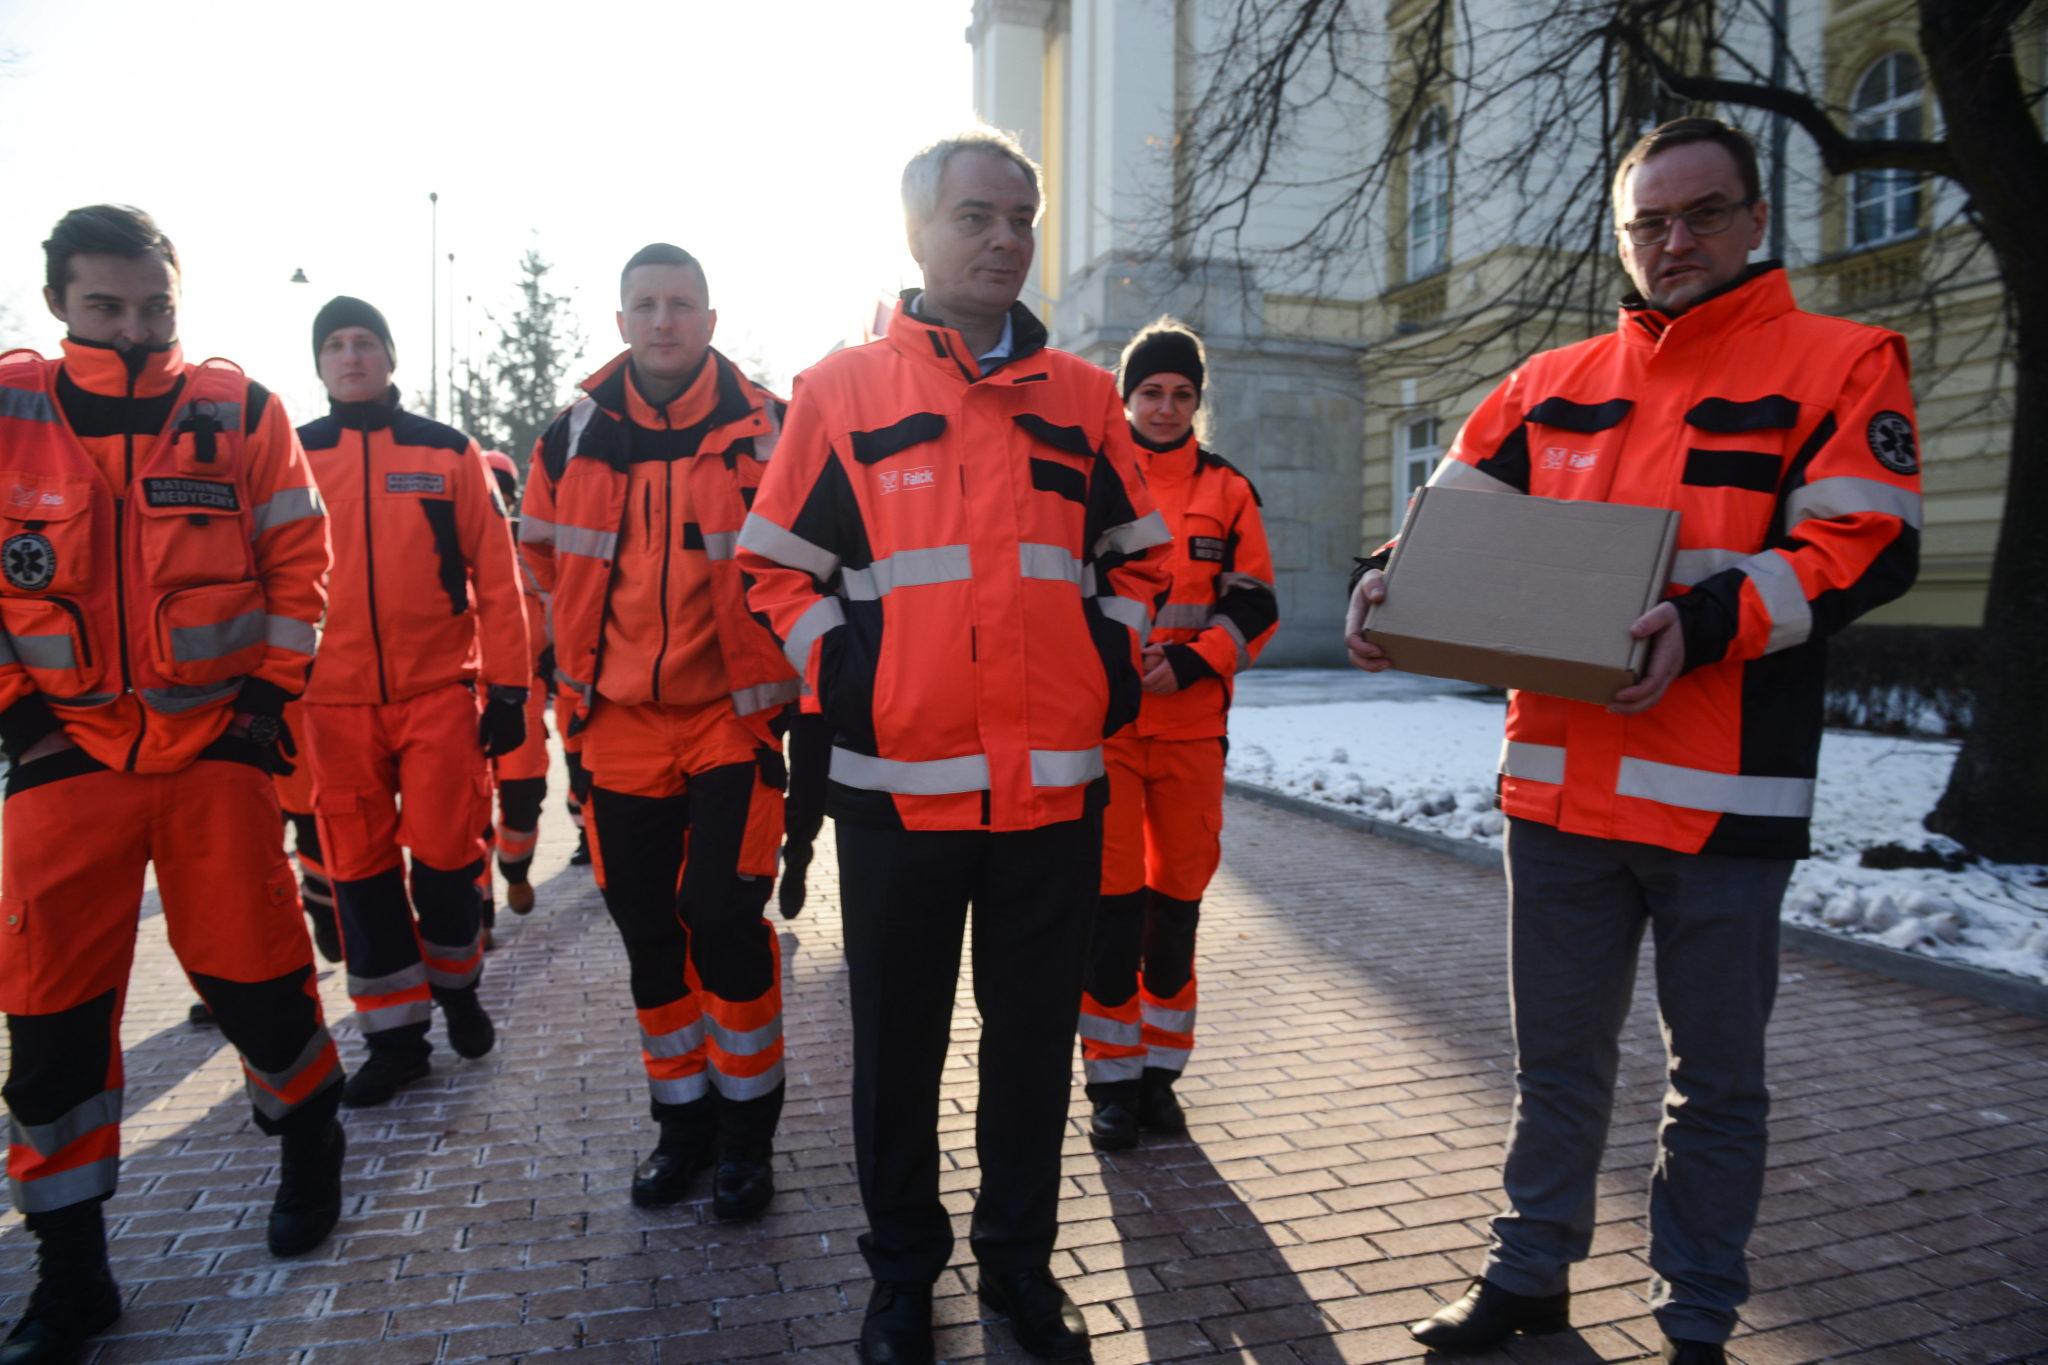 Polska: delegacja pracowników Falck Medycyna przed Kancelarią Prezesa RAdy Ministrów (foto. PAP/Jakub Kamiński)